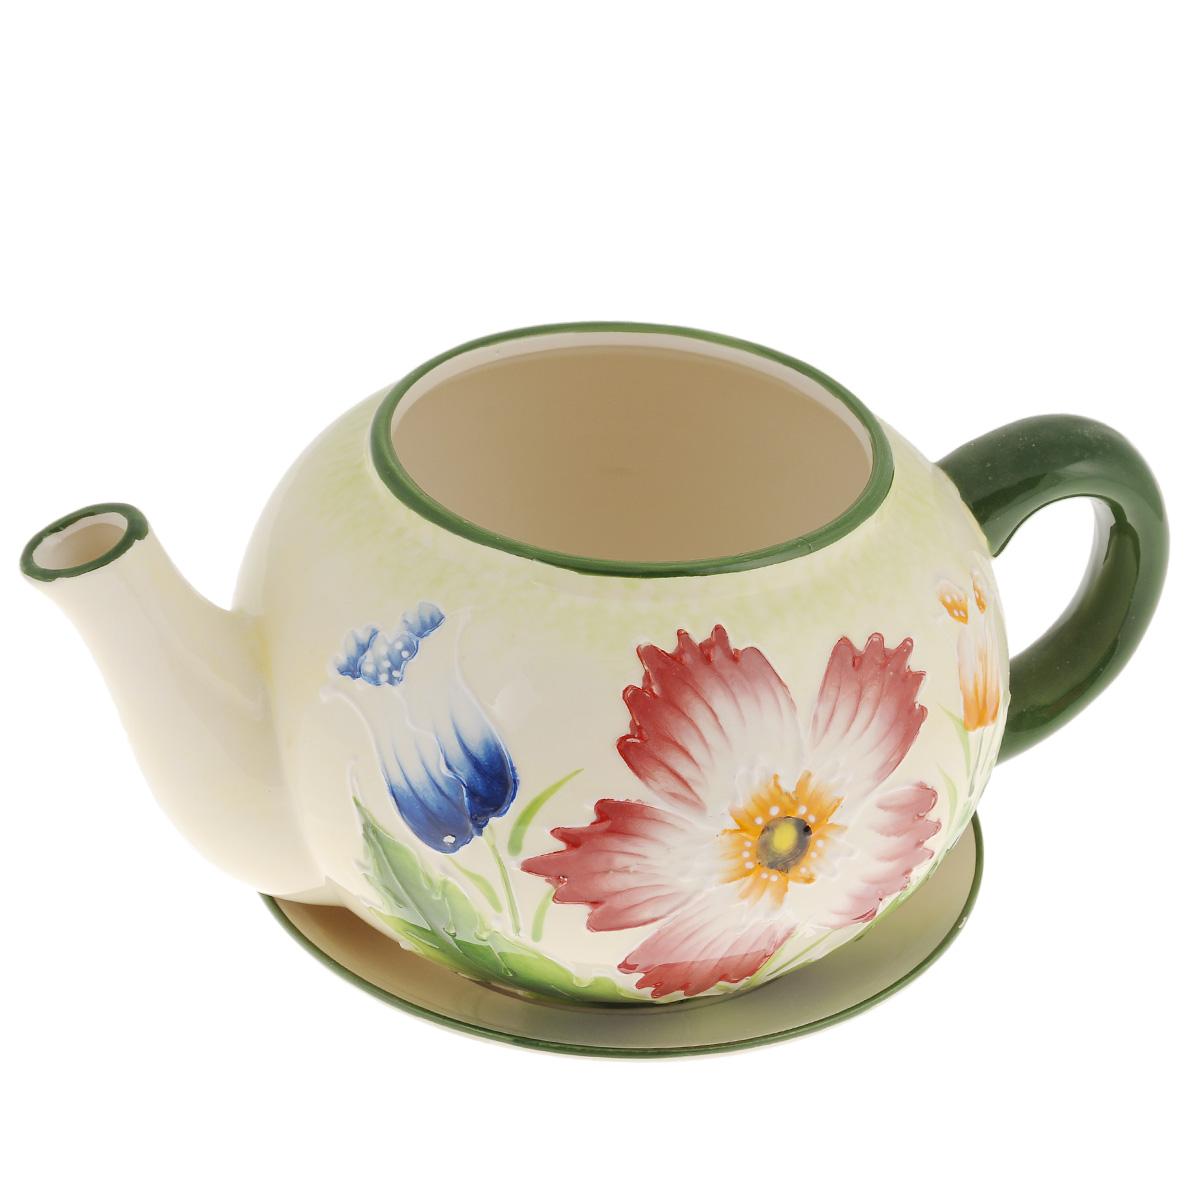 Кашпо Lillo Заварочный чайник, с поддоном. XY10S015-1FXY10S015-1FКашпо-горшок для цветов Lillo Заварочный чайник выполнен из прочной керамики и декорирован красочным рисунком. Изделие предназначено для цветов.Такие изделия часто становятся последним штрихом, который совершенно изменяет интерьер помещения или ландшафтный дизайн сада. Благодаря такому кашпо вы сможете украсить вашу комнату, офис, сад и другие места. Изделие оснащено специальным поддоном - блюдцем.Диаметр кашпо по верхнему краю: 12 см.Высота кашпо (без учета поддона): 14 см.Диаметр поддона: 20,5 см.